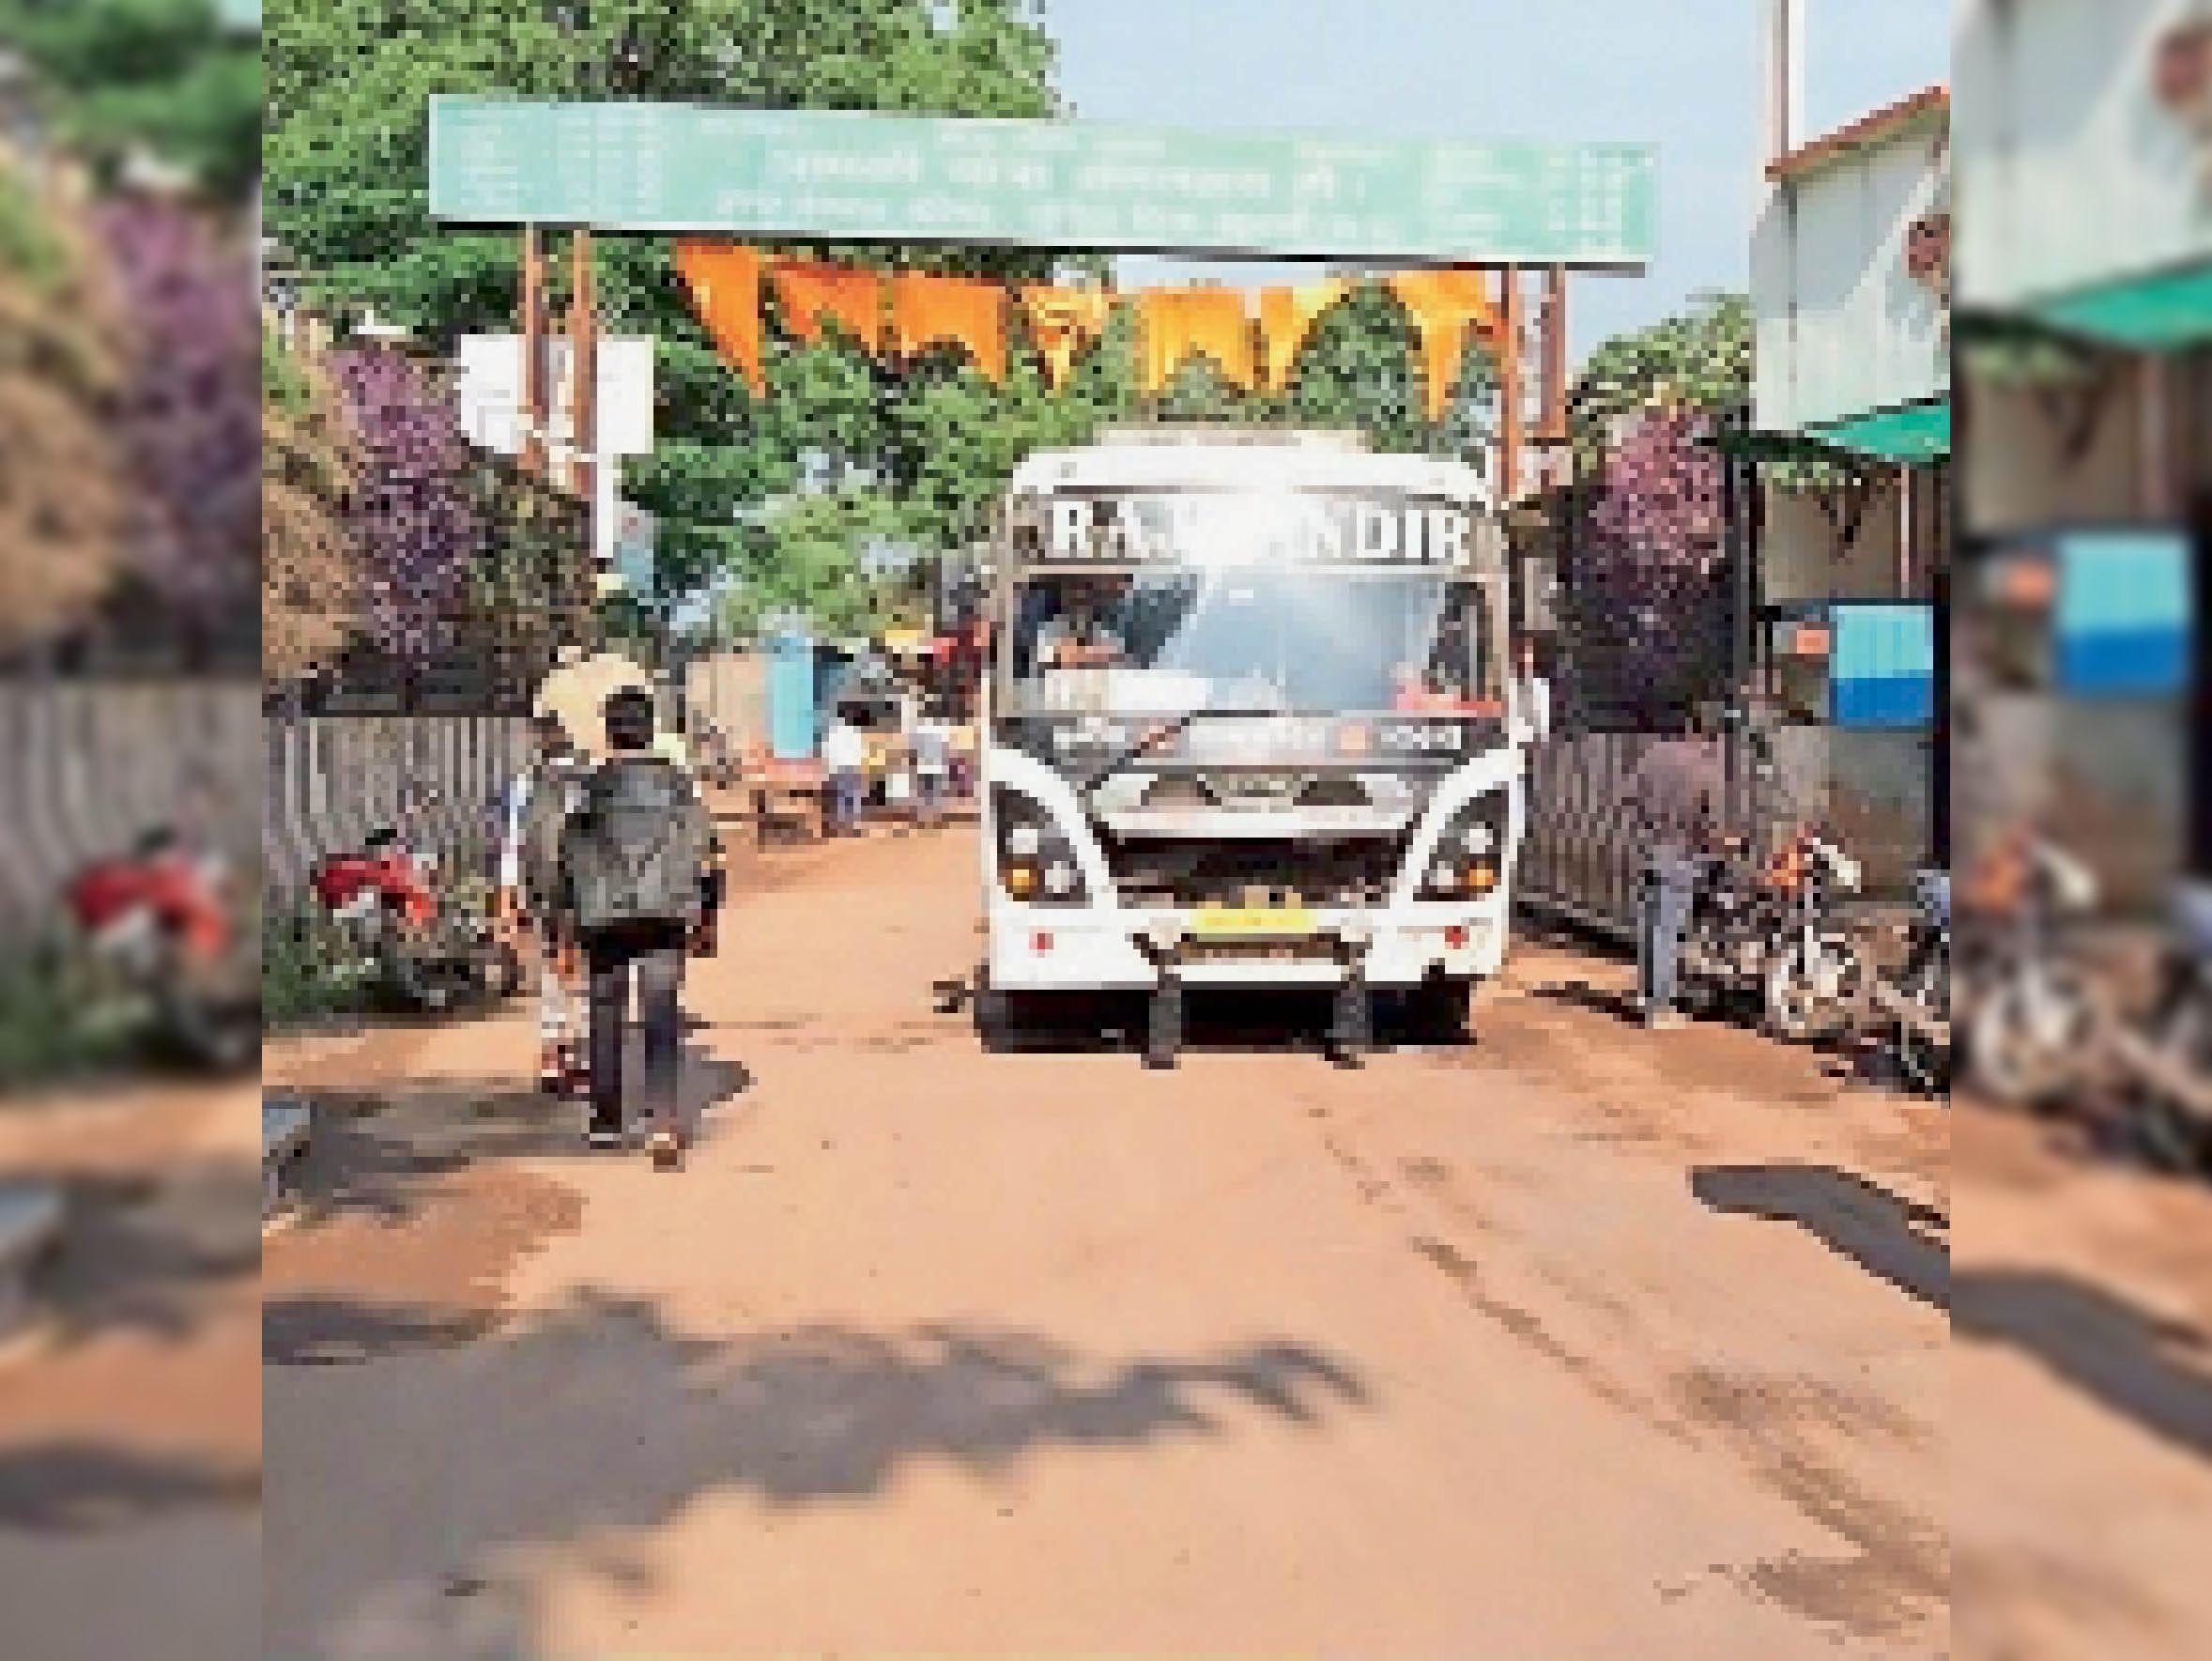 महाराष्ट्र में 15 तक रोक, निजी ट्रेवल्स की बसें शहादा व नंदुरबार कर रही आना-जाना, मिलने लगी सुविधा|बड़वानी,Barwani - Dainik Bhaskar